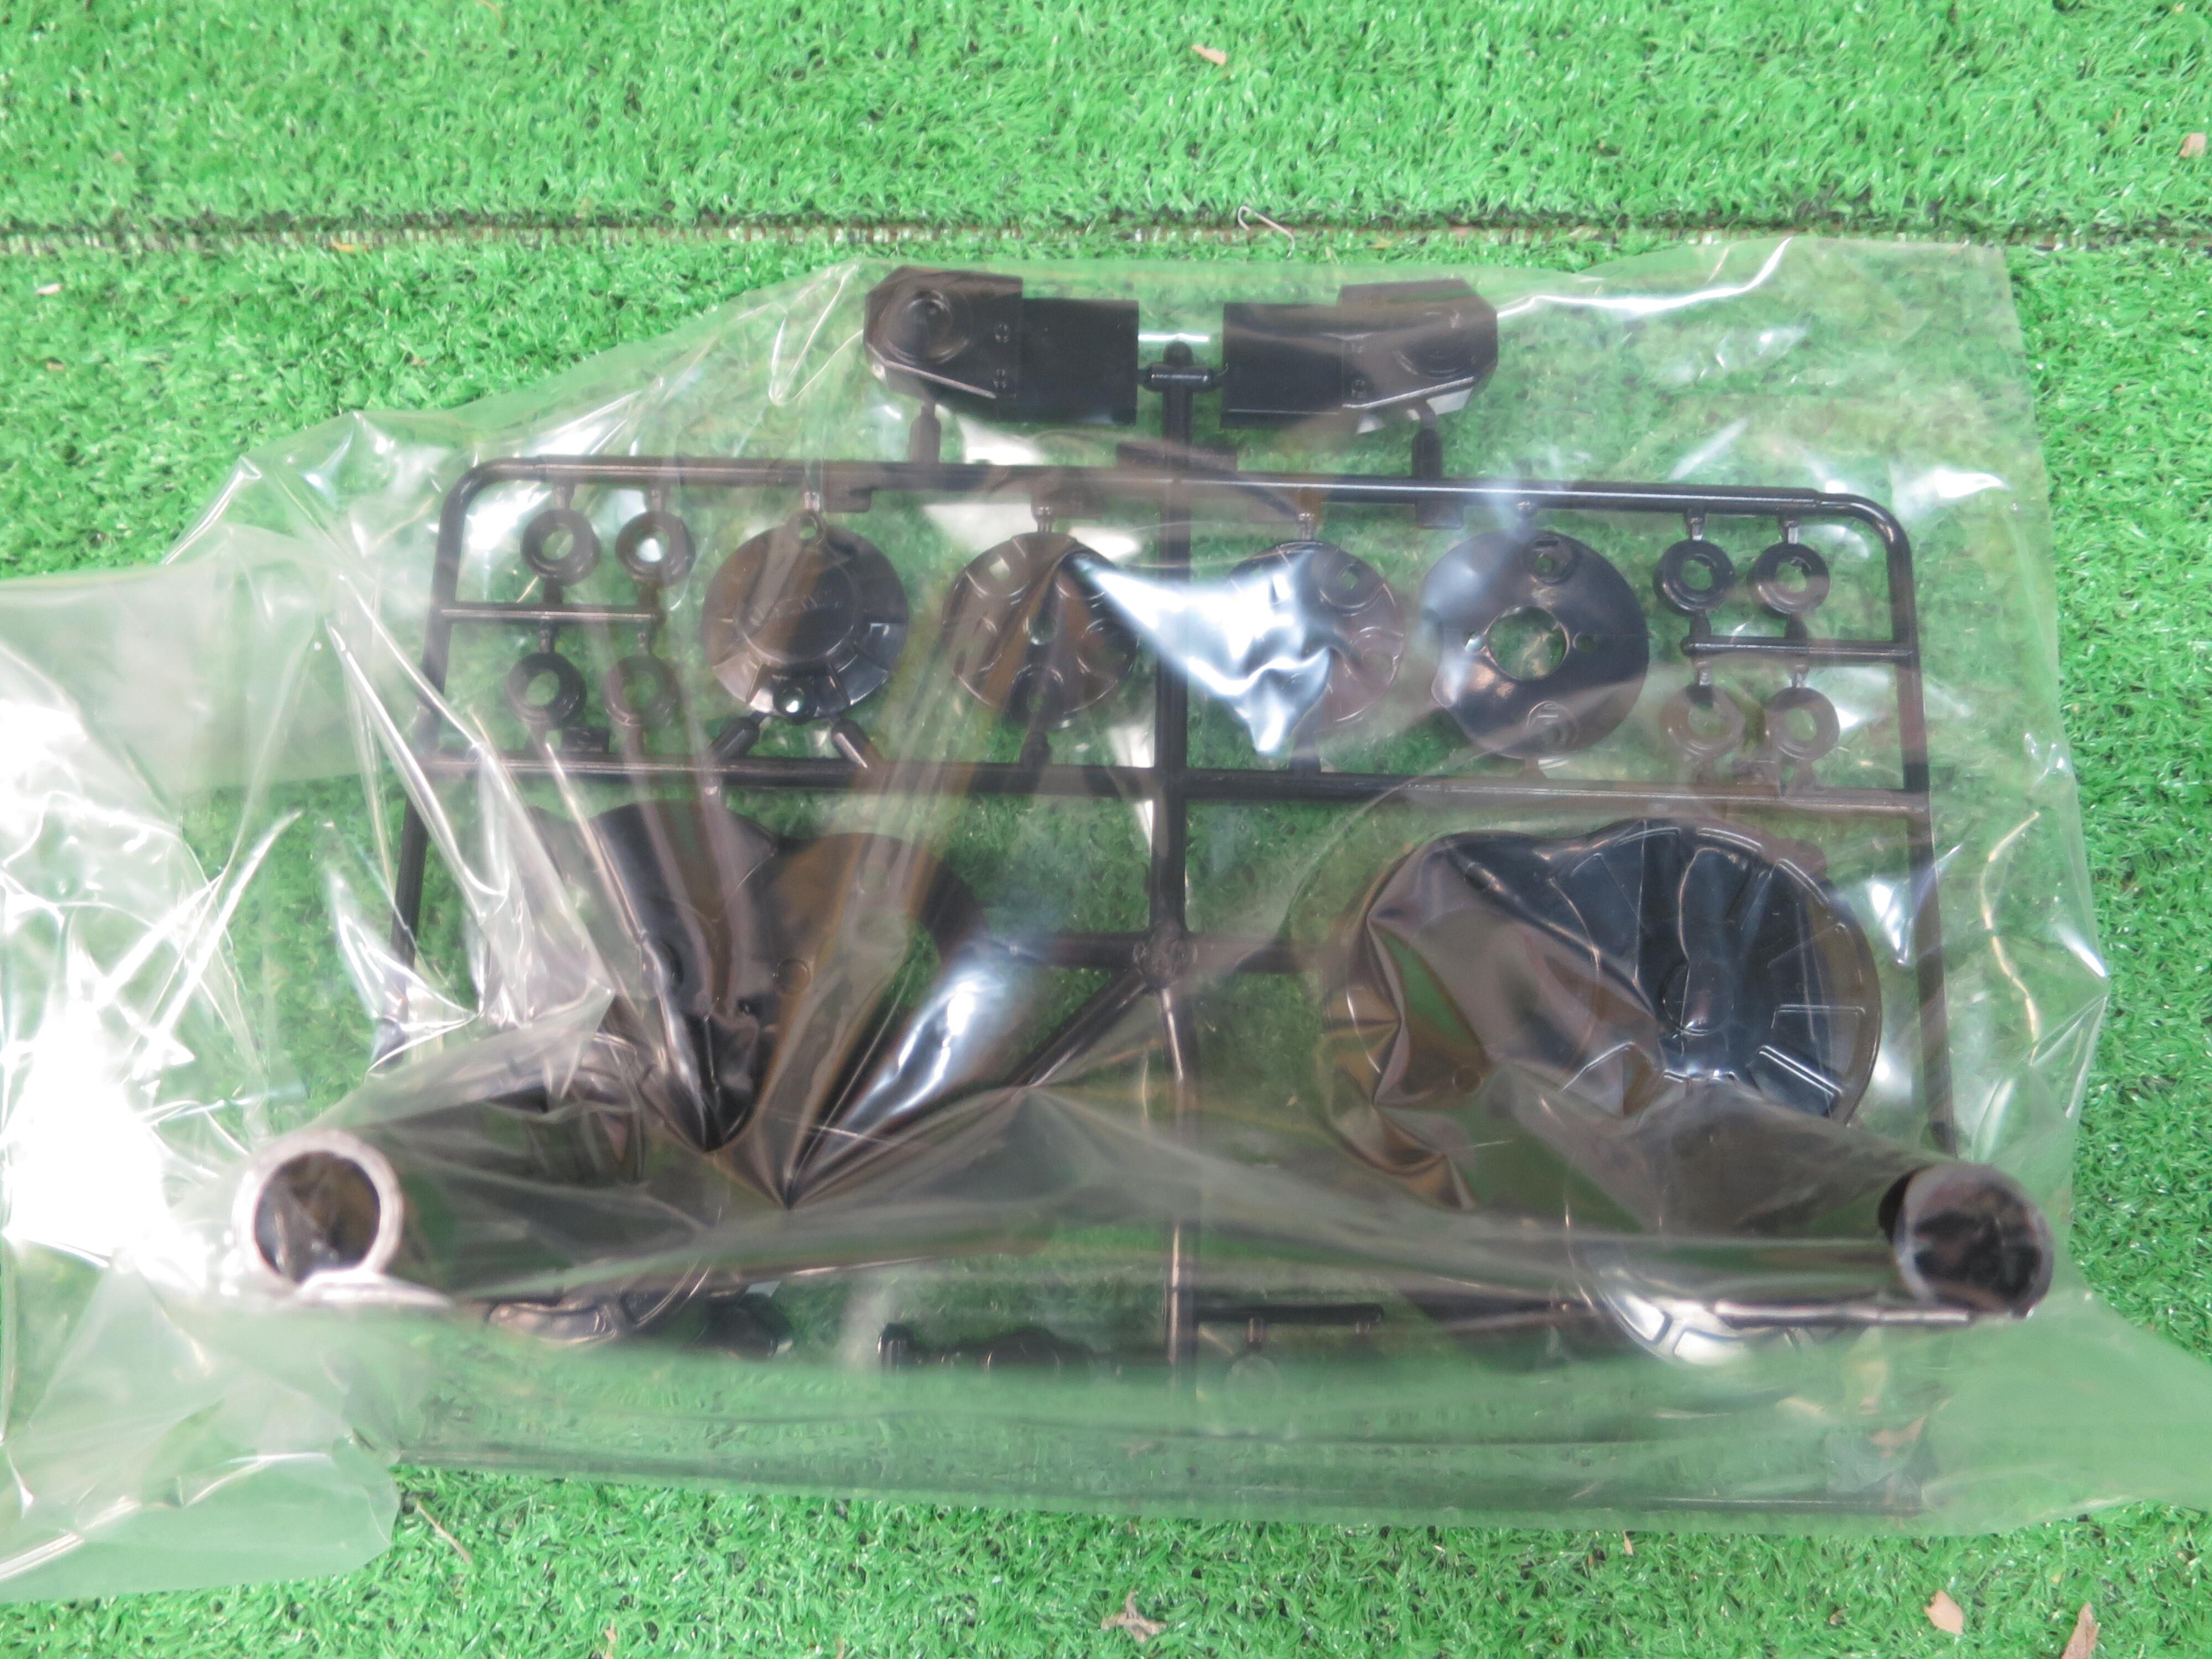 タミヤ 1/10 RC グラスホッパーギヤボックス B部品 タミヤアフター商品